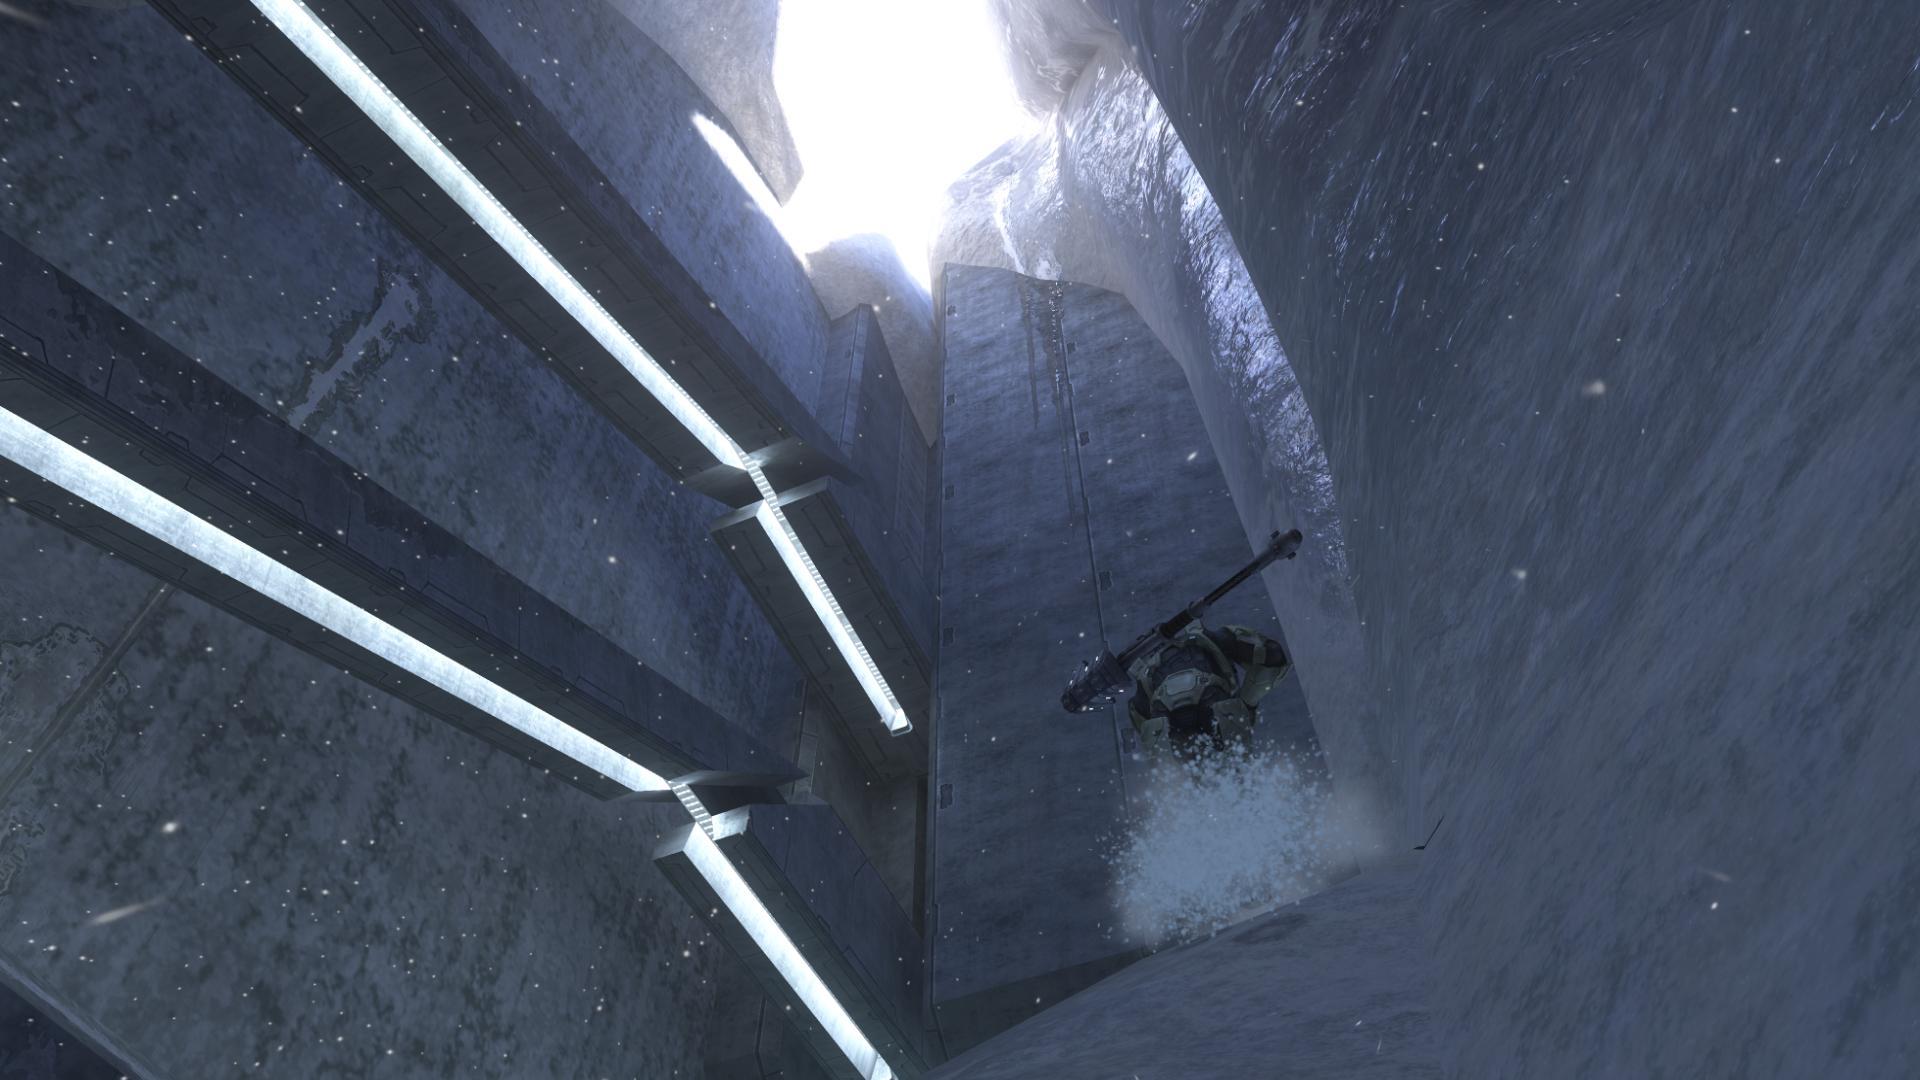 2249245695 1b16a68daf o Halo 3   Snow Chief